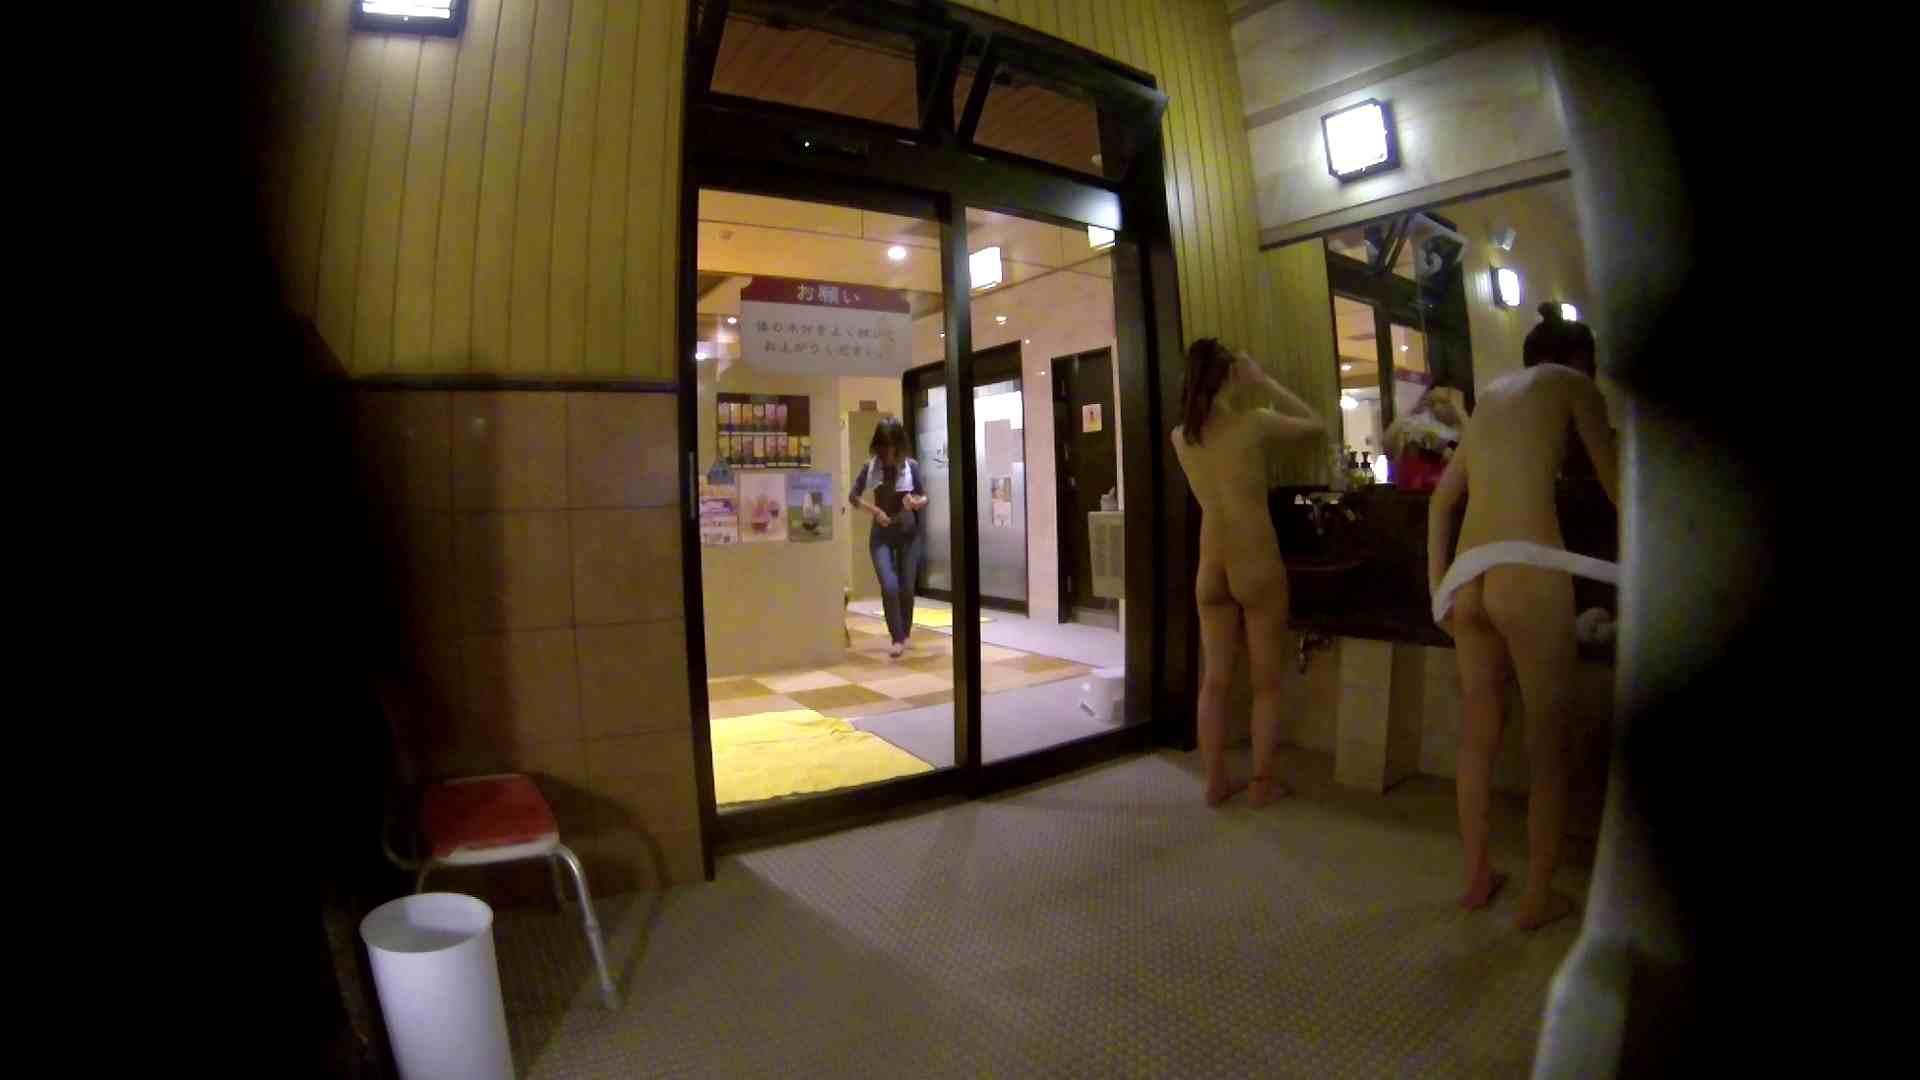 オムニバス!出入り口~シャワー~メイク室と移動。たくさんの女性が登場します 潜入 オメコ動画キャプチャ 92pic 14